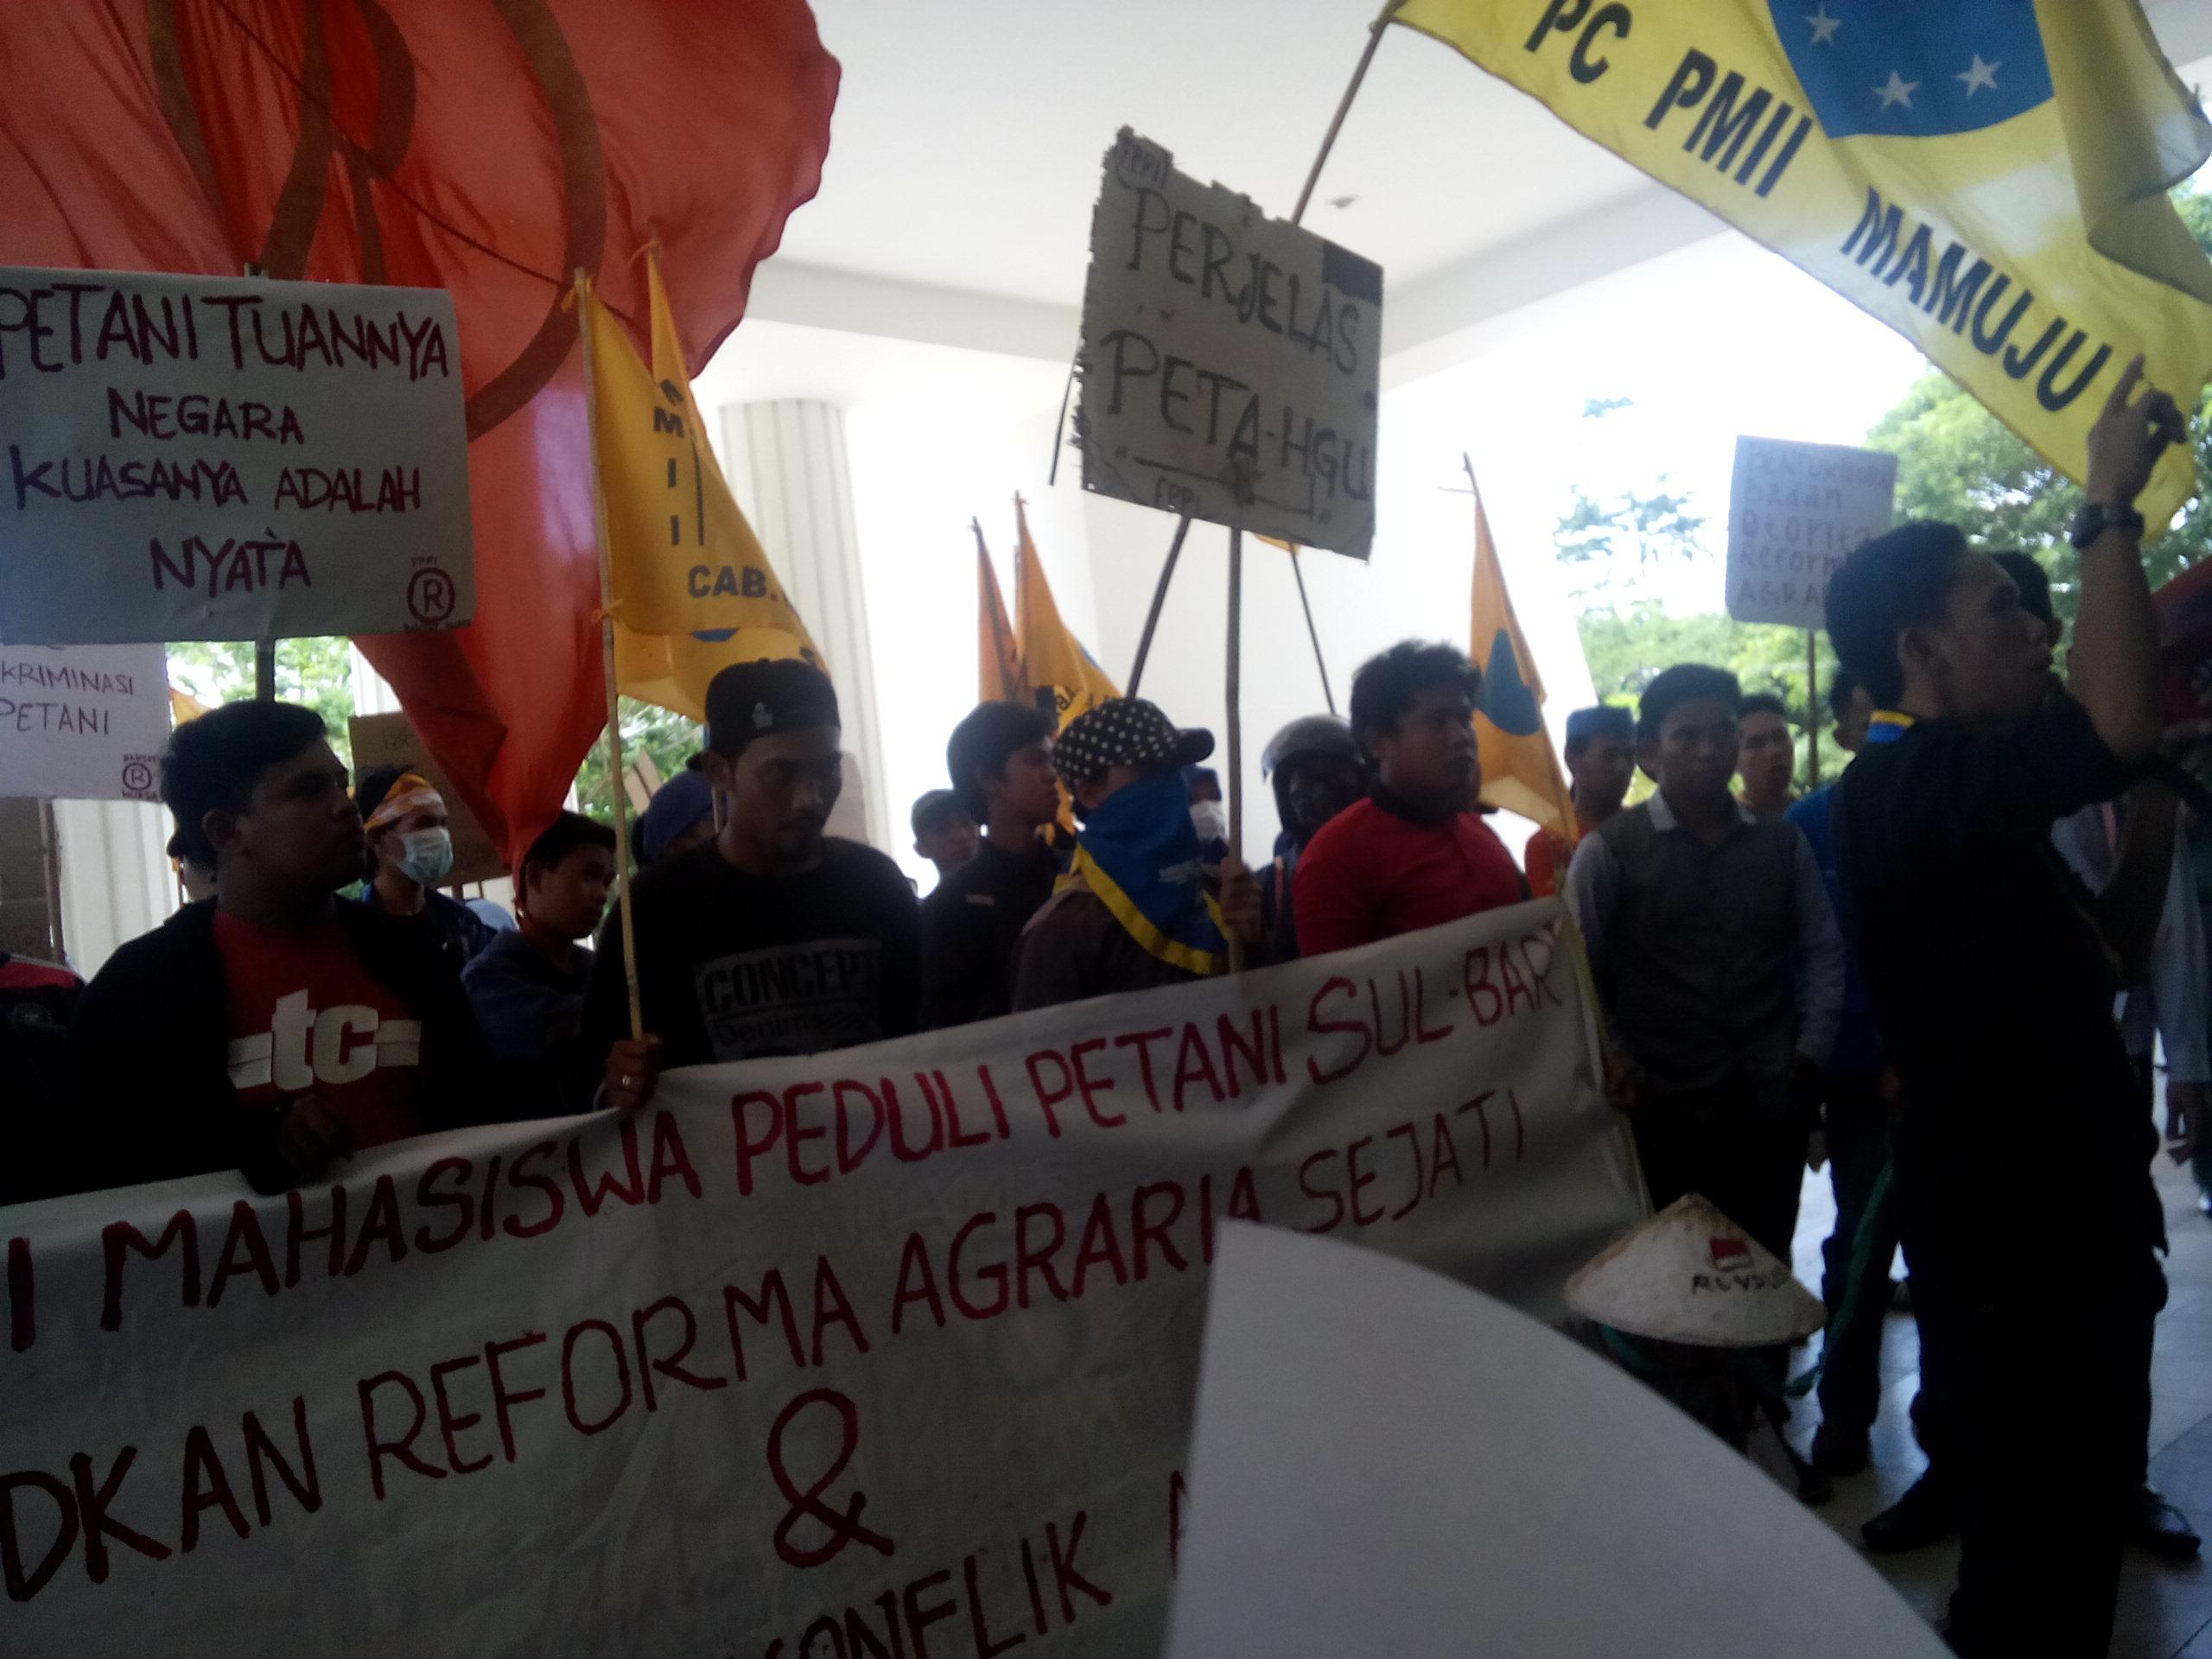 Unjukrasa memperingati hari tani nasional di depan kantor Gubernur Sulbar